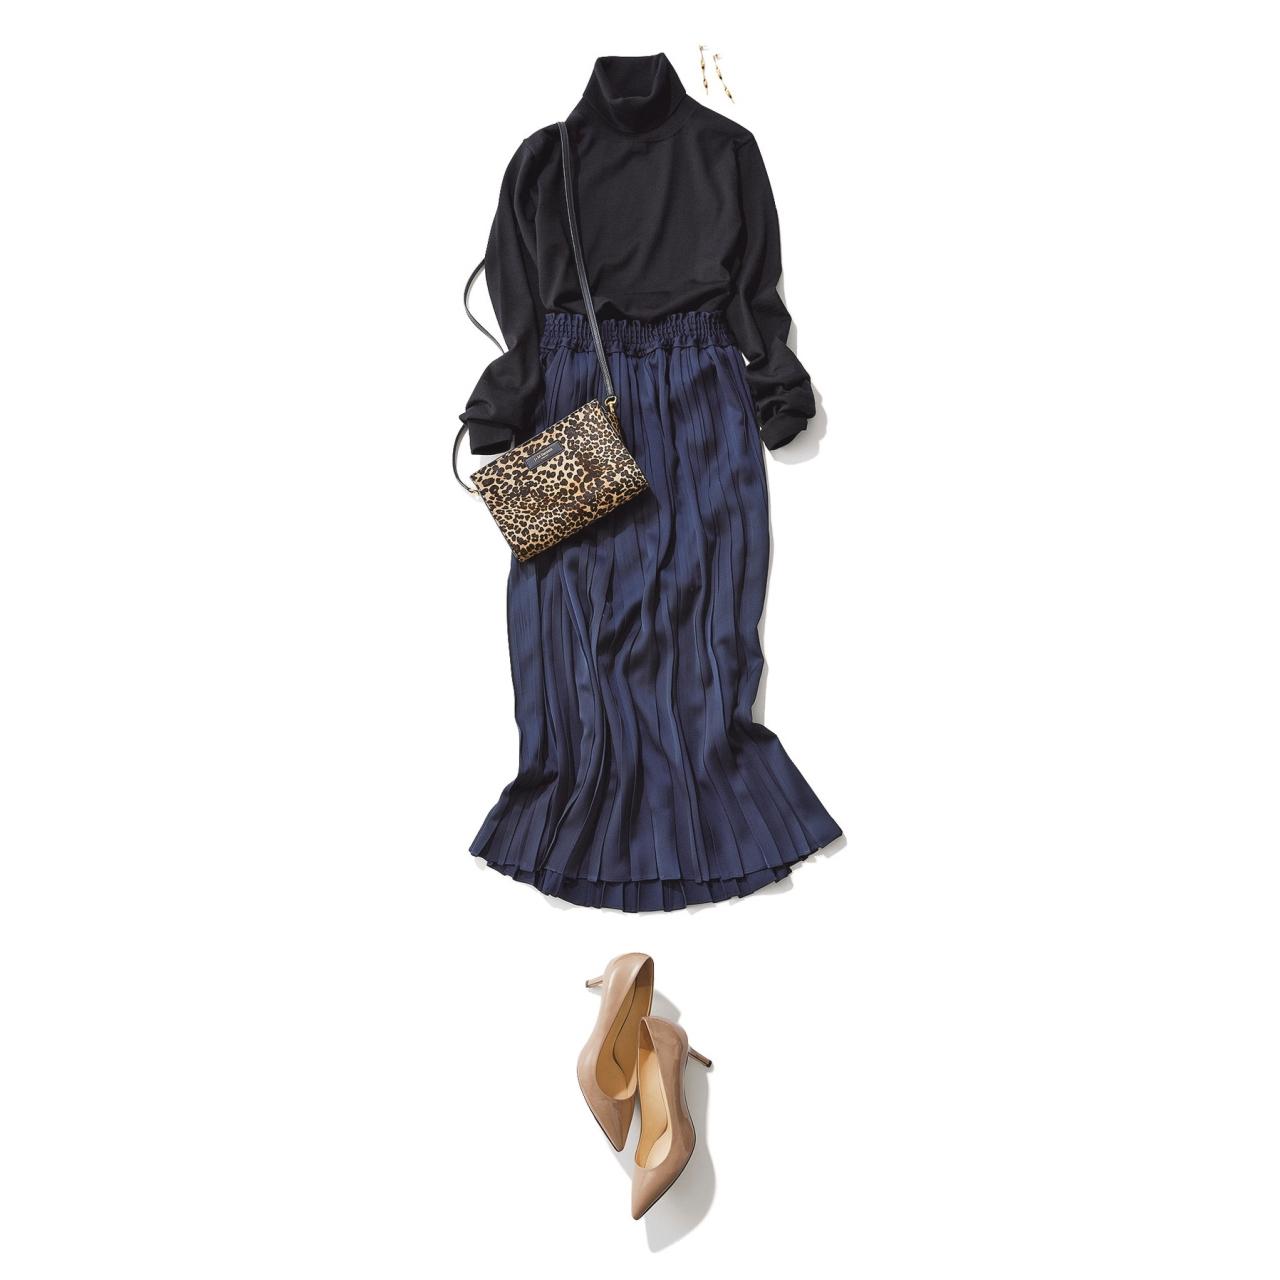 ラメ入りネイビースカート×黒ニットのファッションコーデ